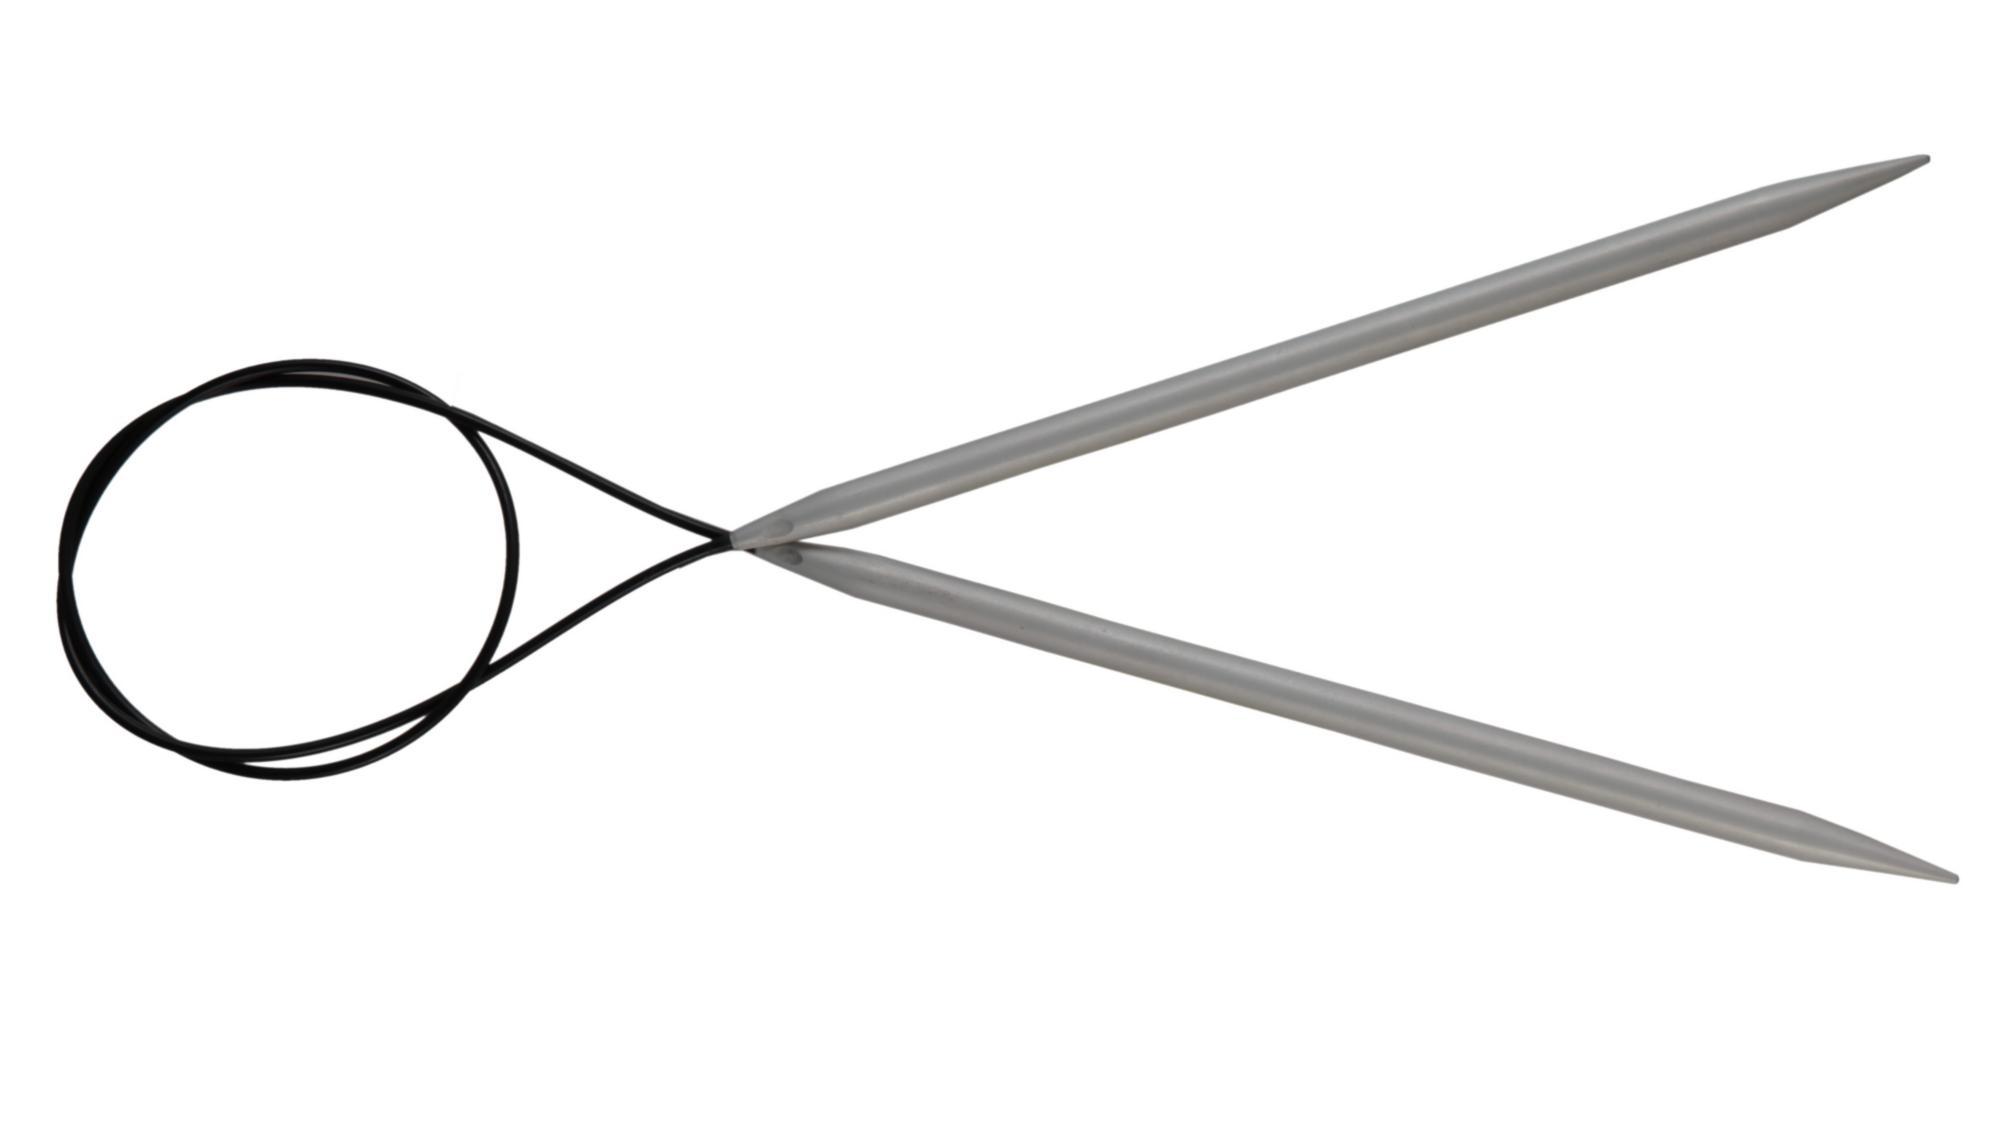 Спицы круговые 60 см Basix Aluminium KnitPro, 45323, 3.00 мм